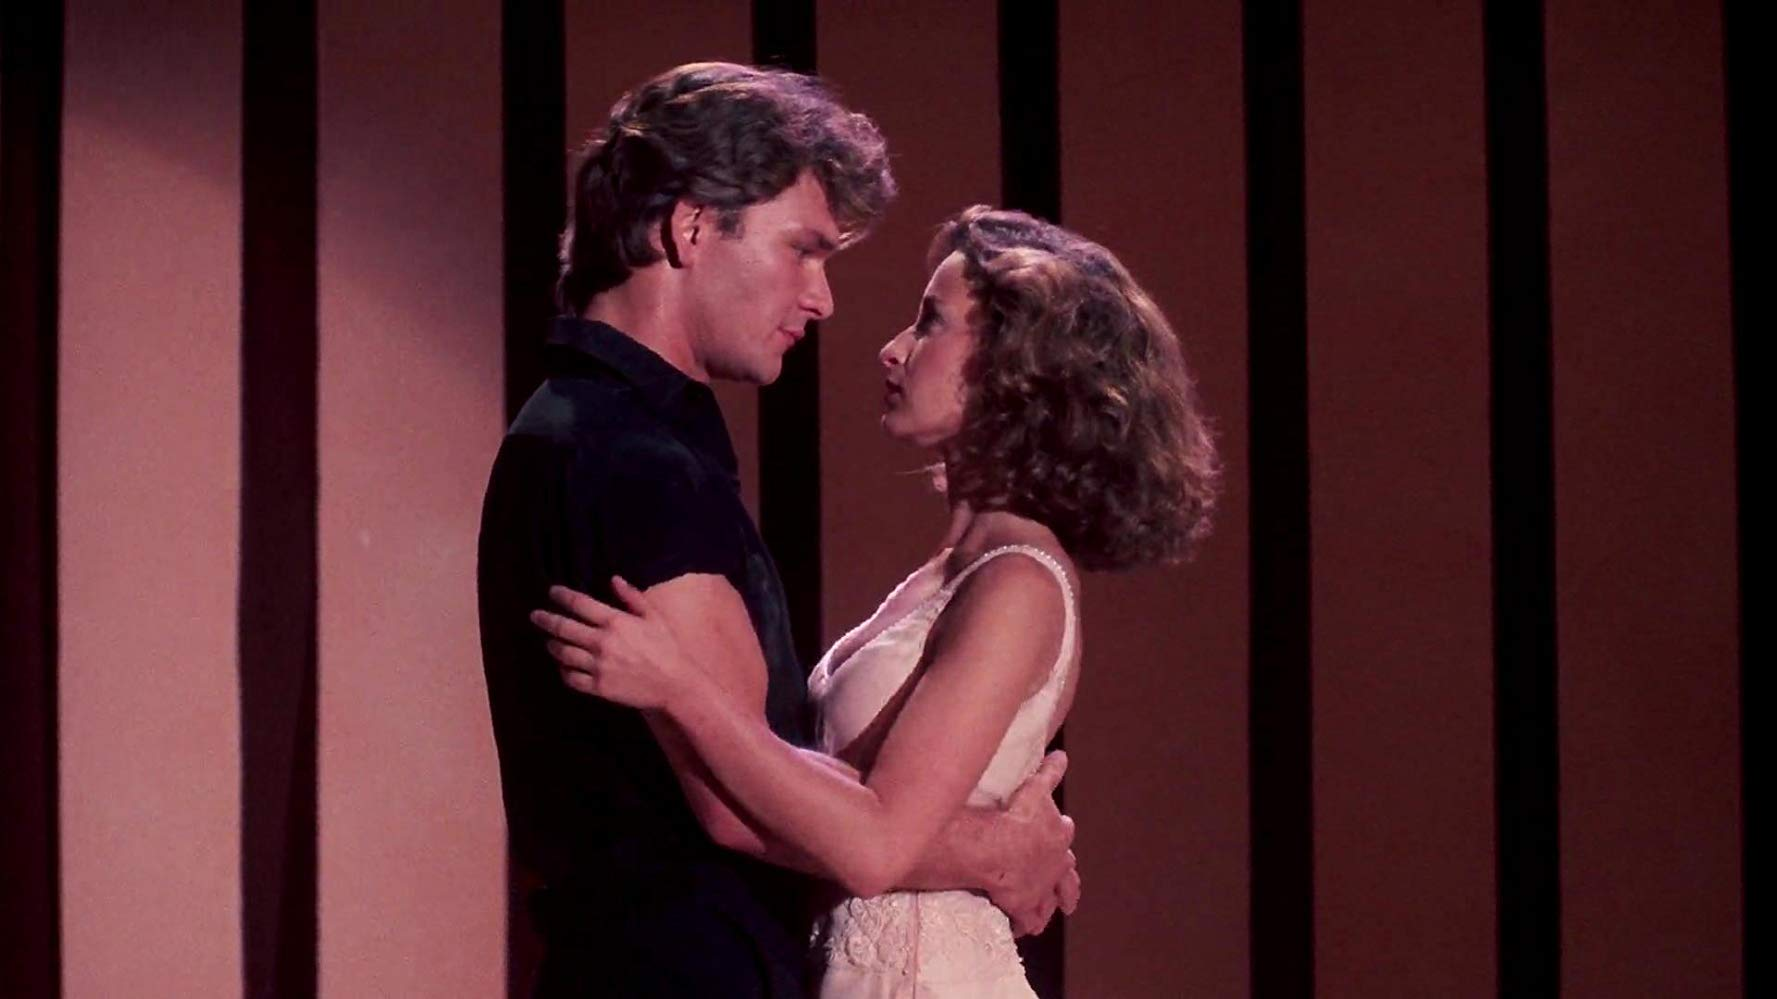 """Evo kako danas izgleda Bejbi iz """"Prljavog plesa"""""""